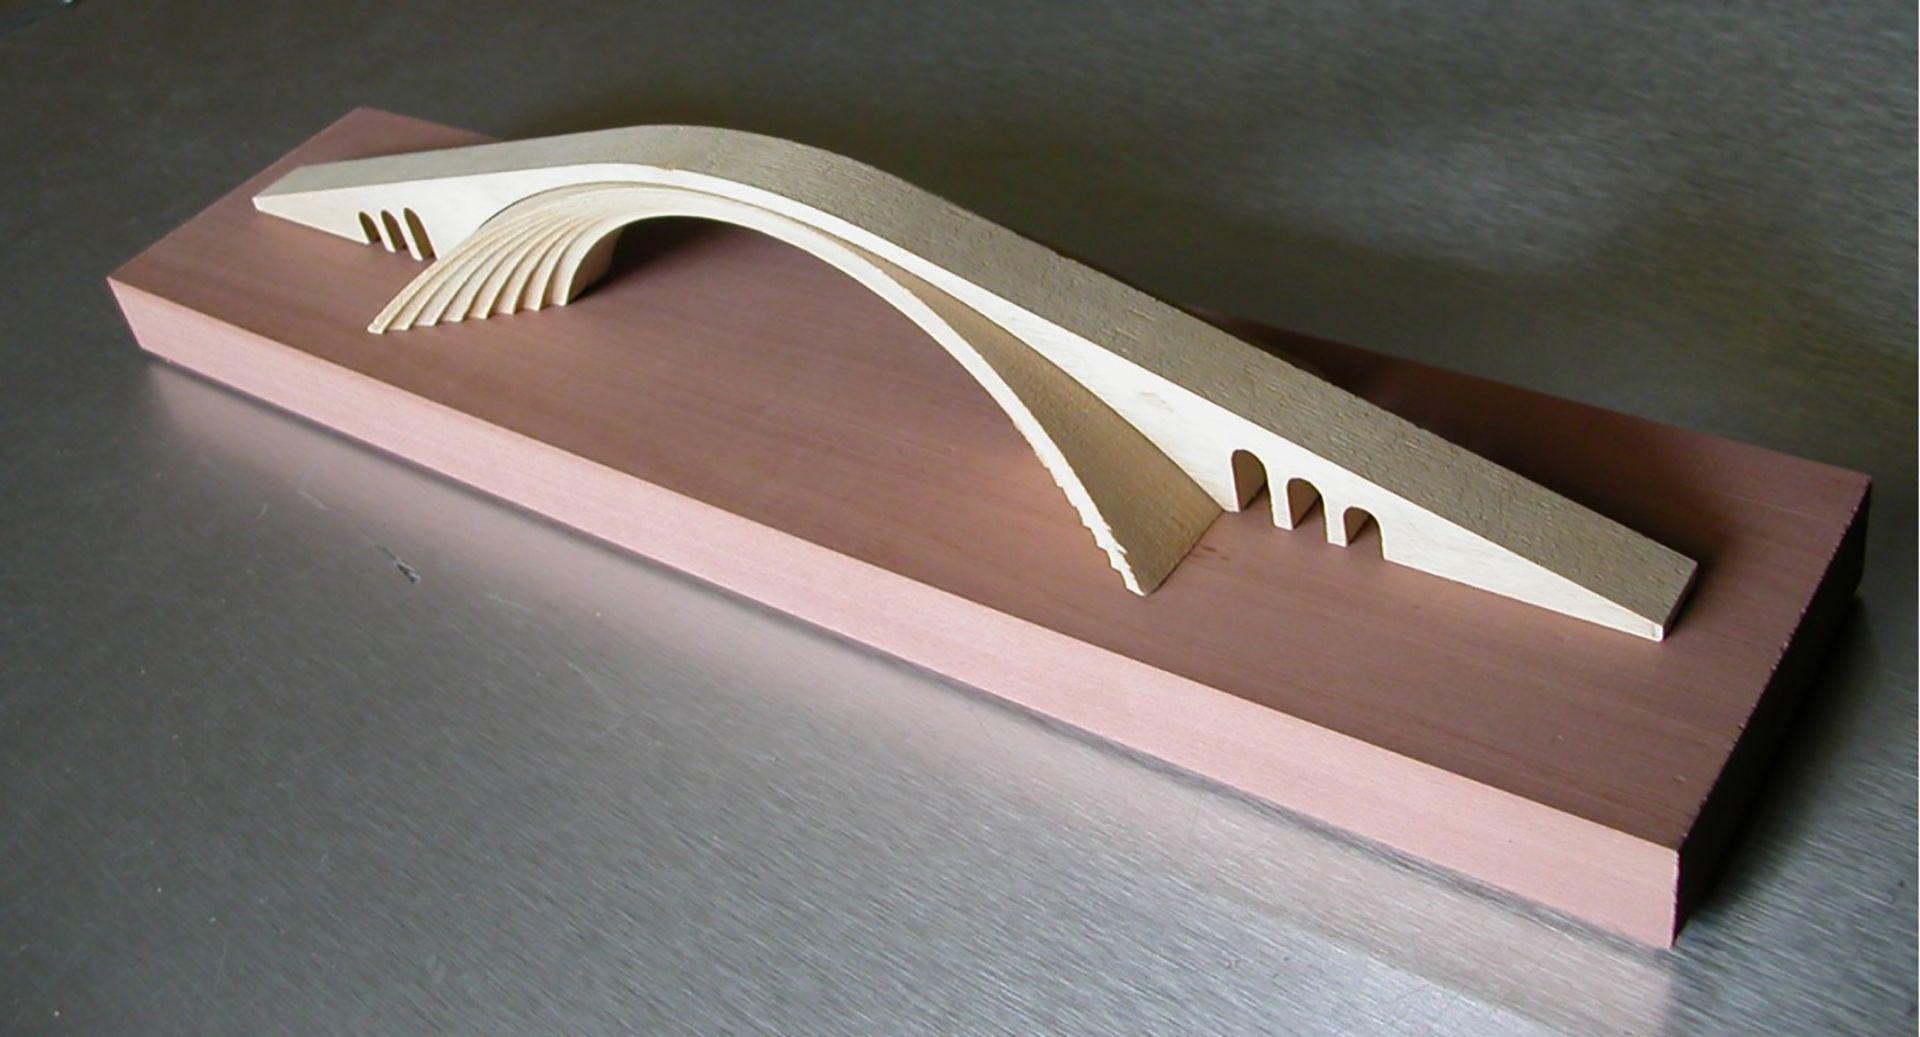 Ponte sul Corno d'Oro. Progetto di Leonardo da Vinci. Ricostruzione in scala di un modello di un ponte in muratura tratto dai disegni di Leonardo da Vinci realizzato in legno massello jeloutong.